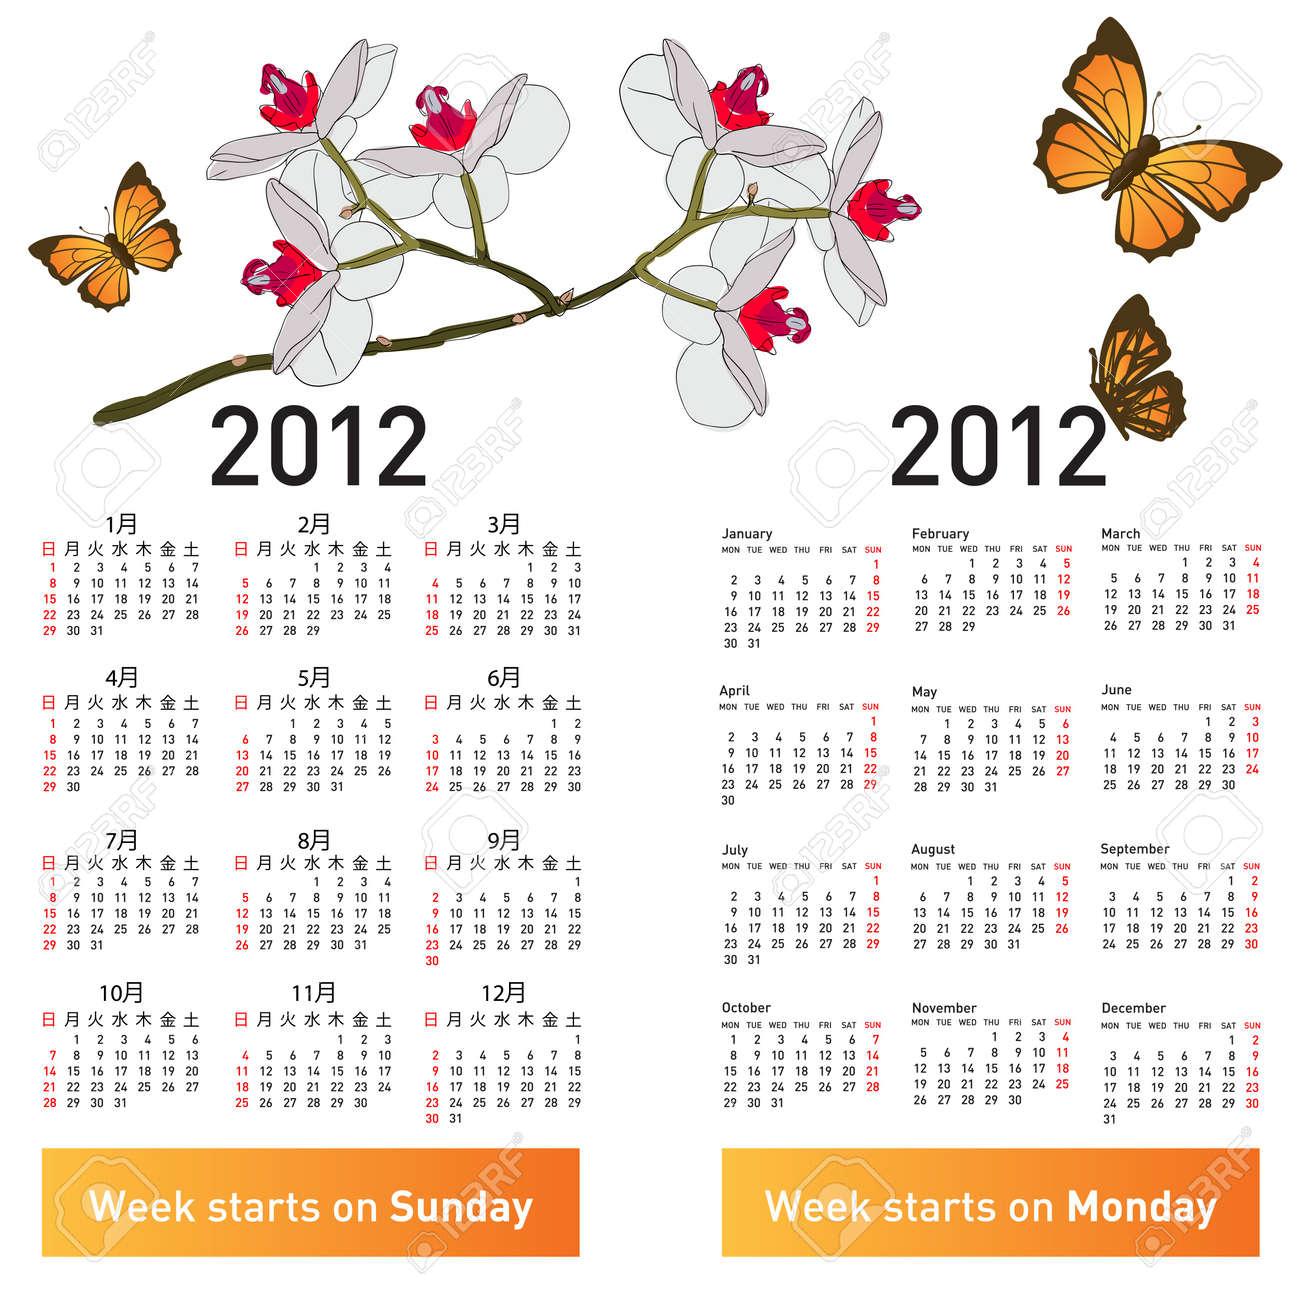 Calendario Japones.Elegante Calendario Japones Con Flores Y Mariposas Para 2012 En Japones E Ingles